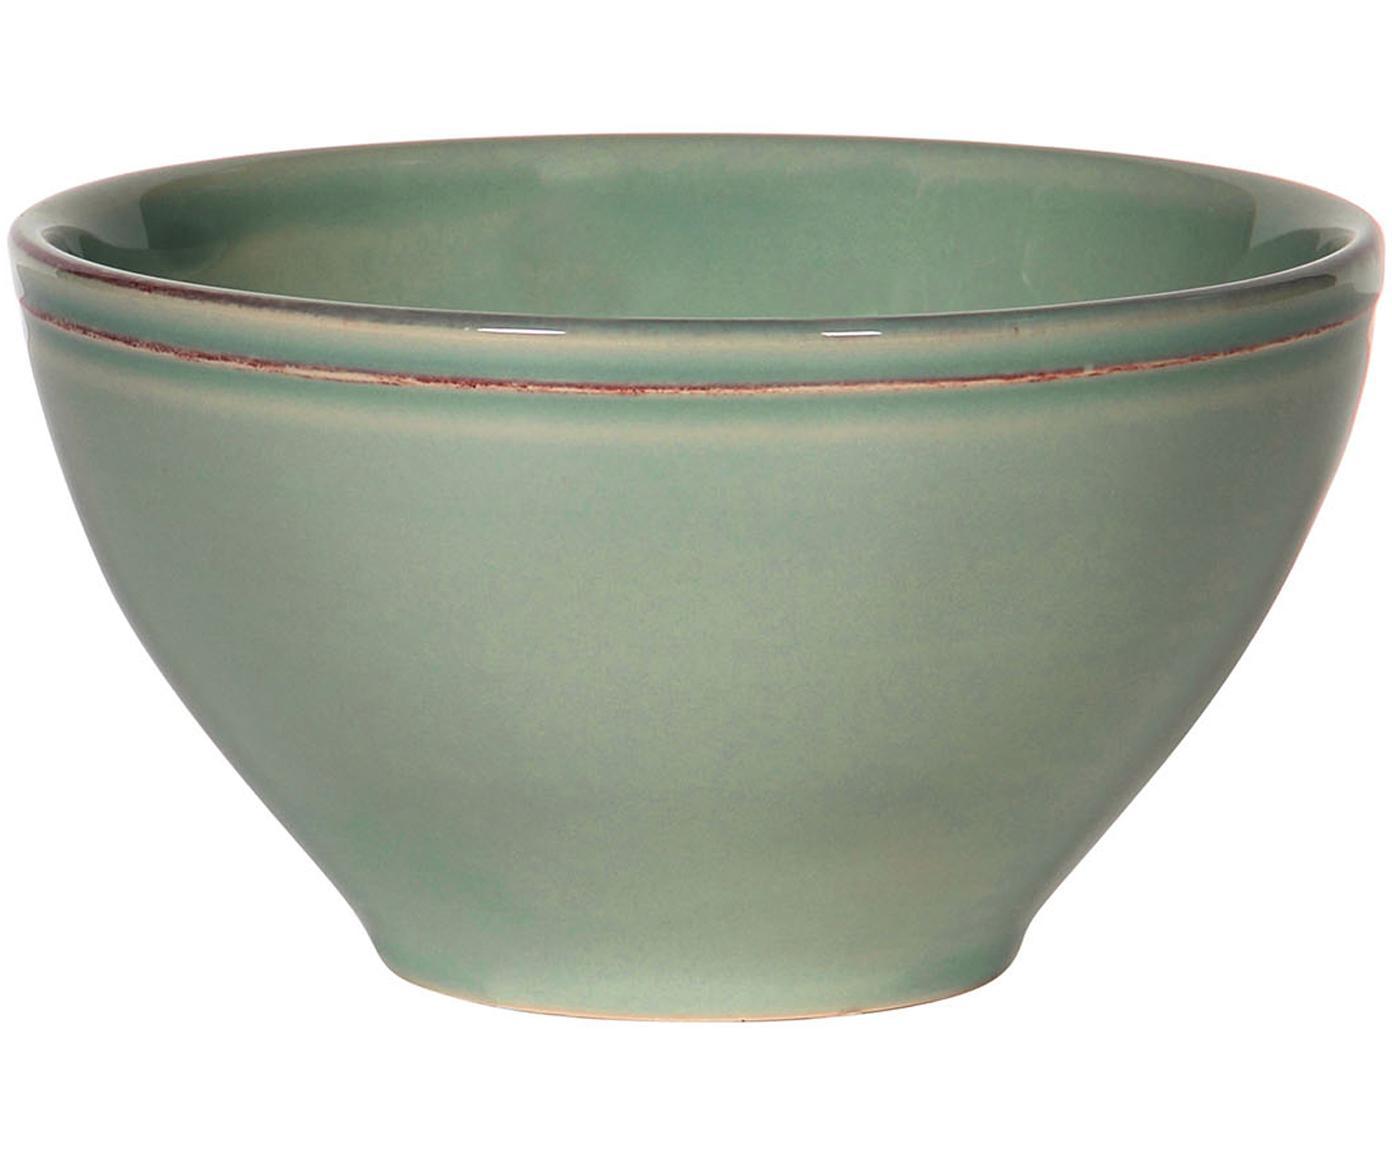 Ciotola verde salvia Constance 2 pz, Ceramica, Verde salvia, Ø 15 x Alt. 9 cm